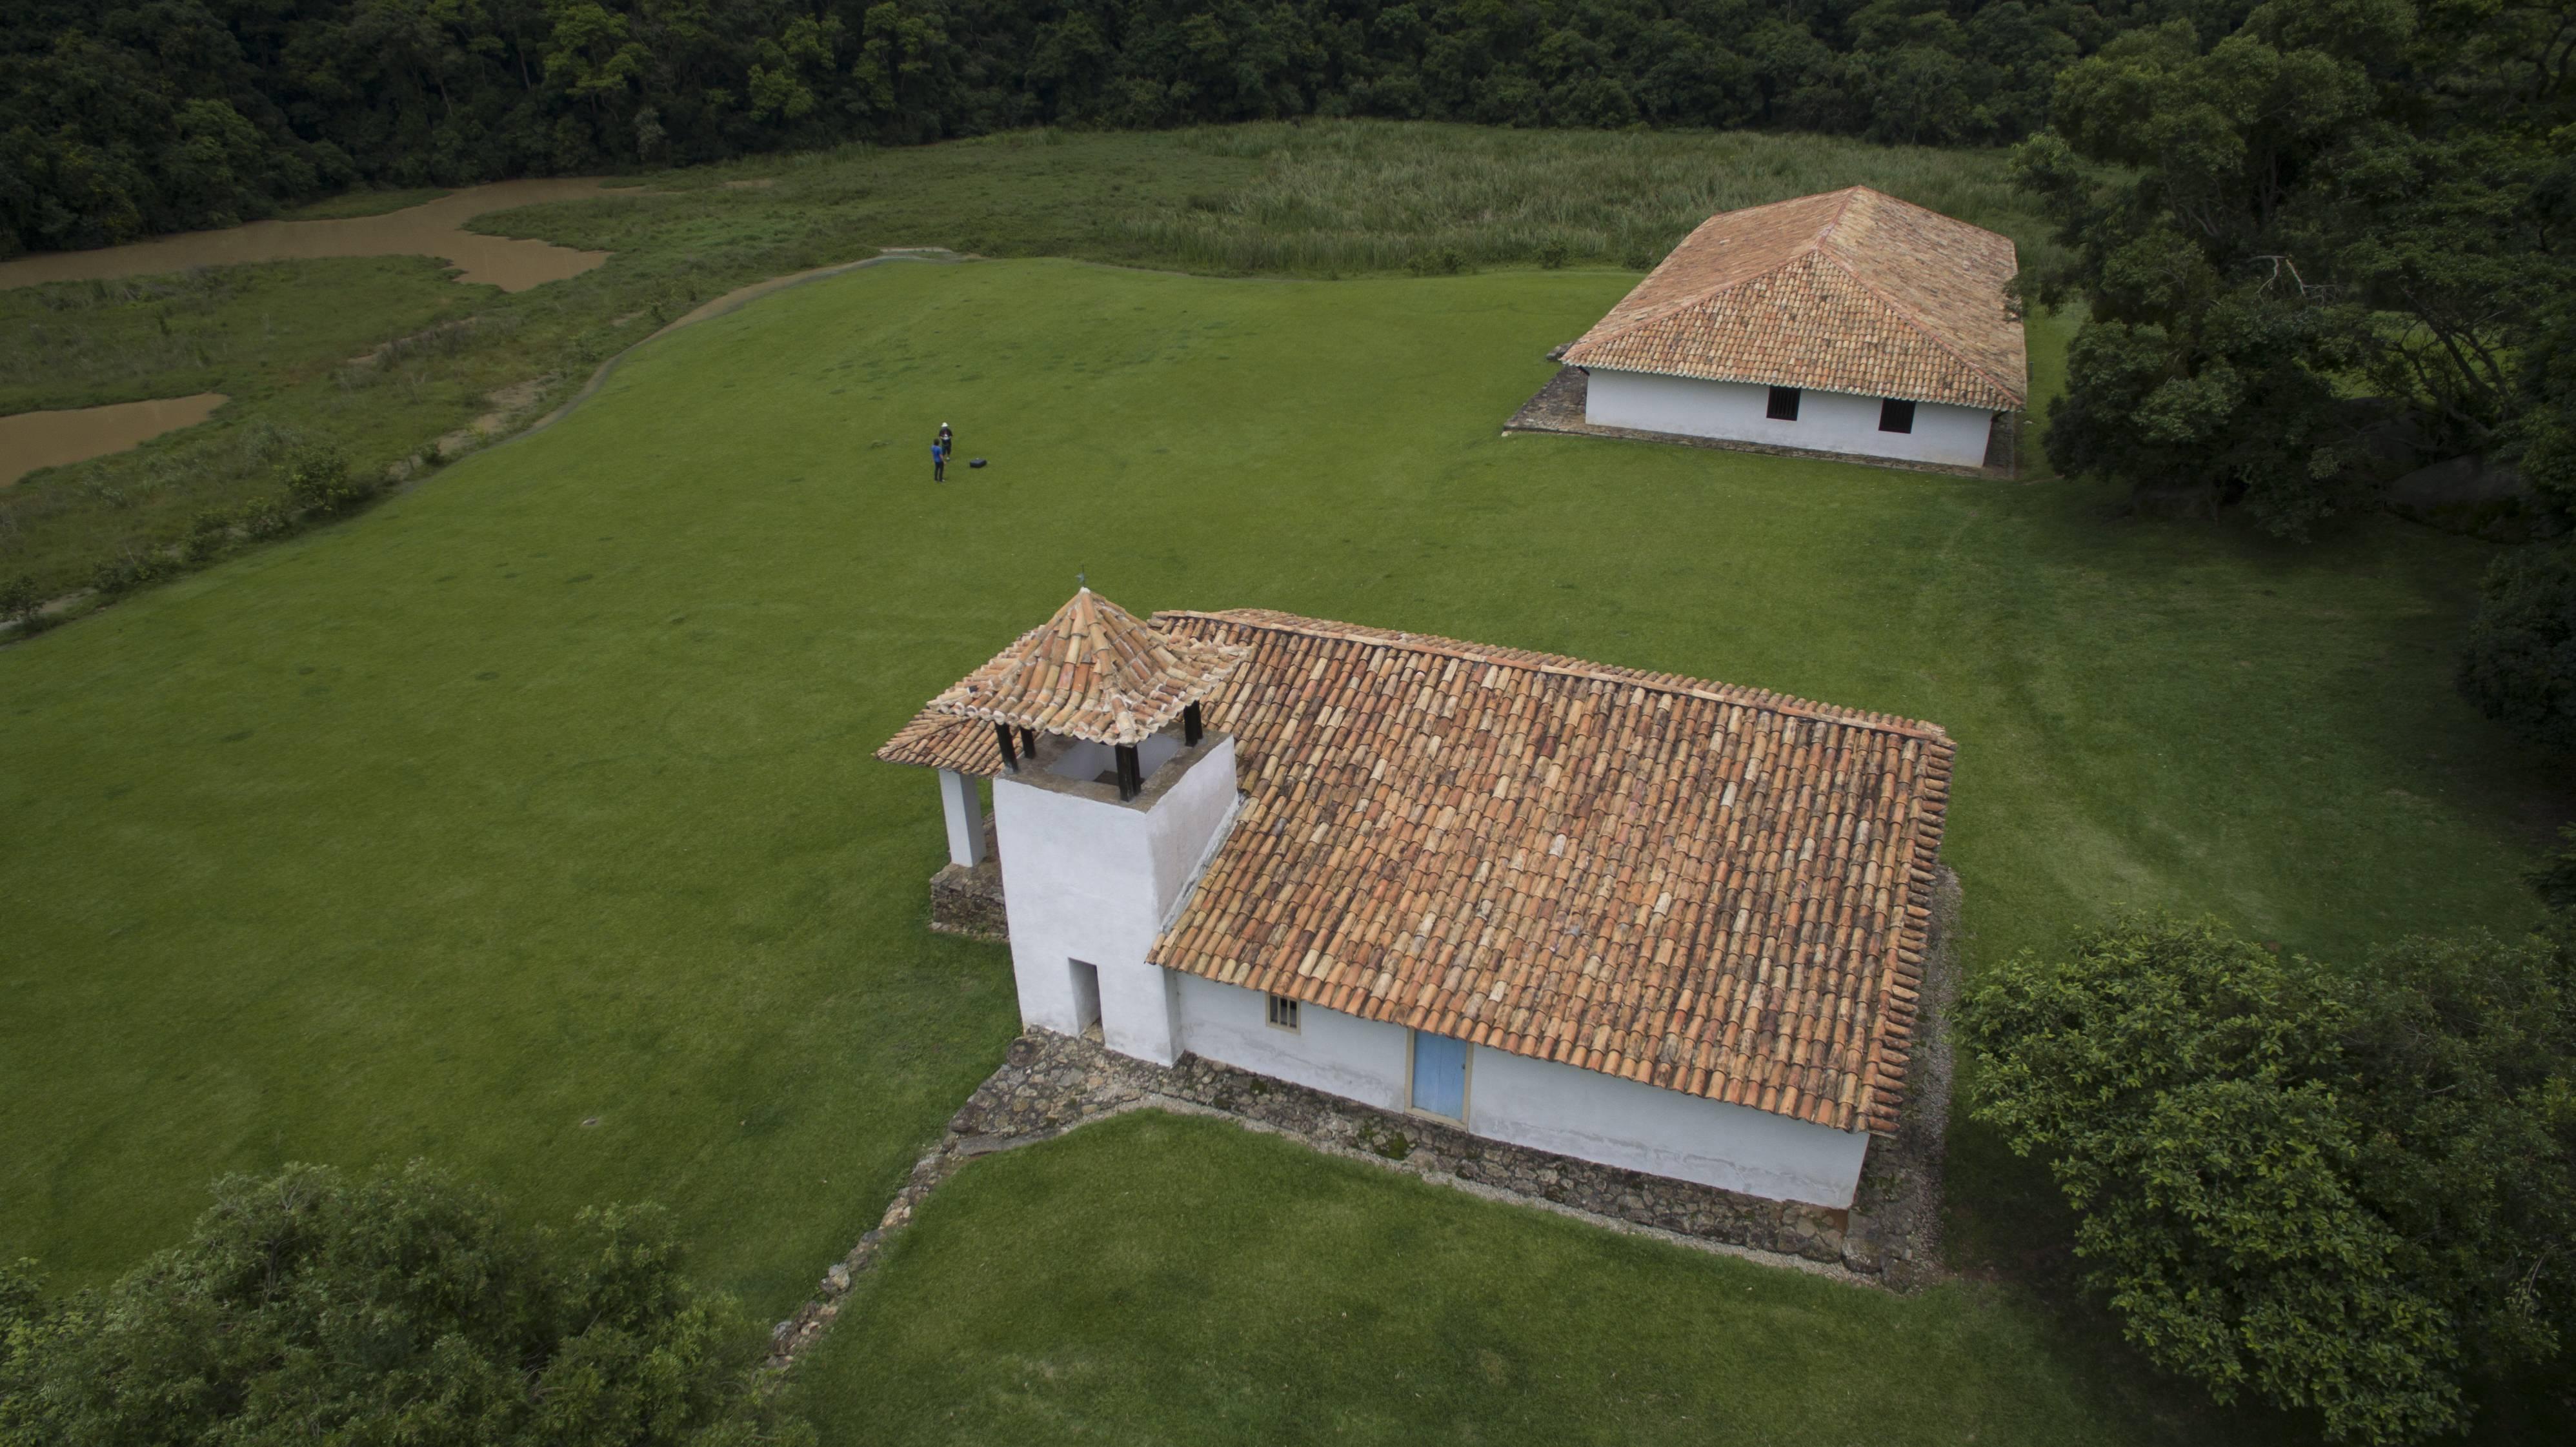 sao roque chapel aerial